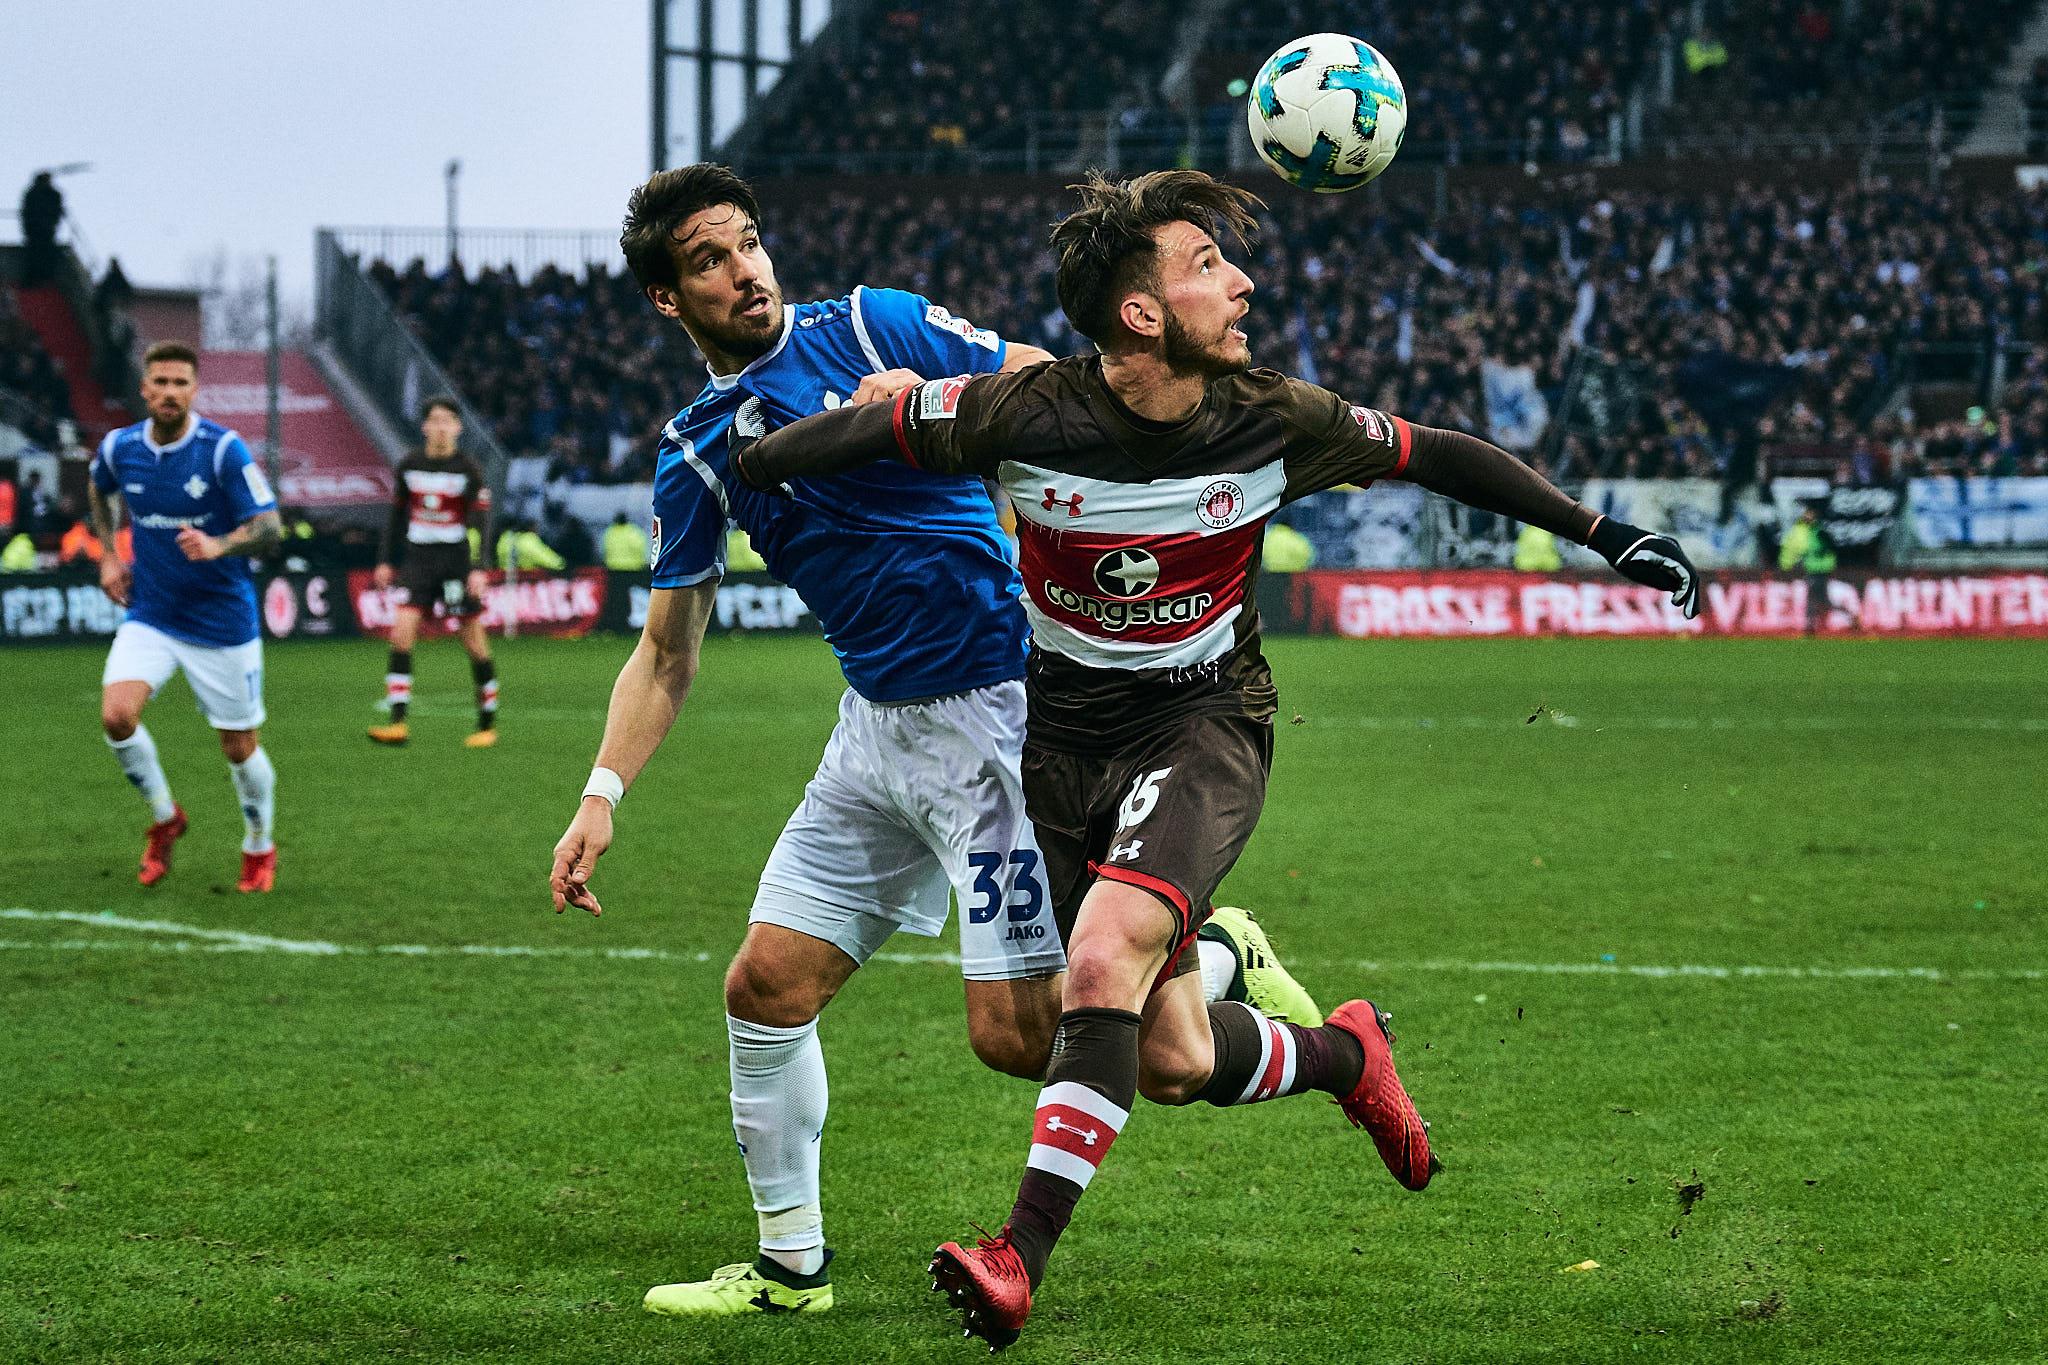 Vor dem Spiel – SV Darmstadt 98 (H) – Spieltag 10 – Saison 2019/20